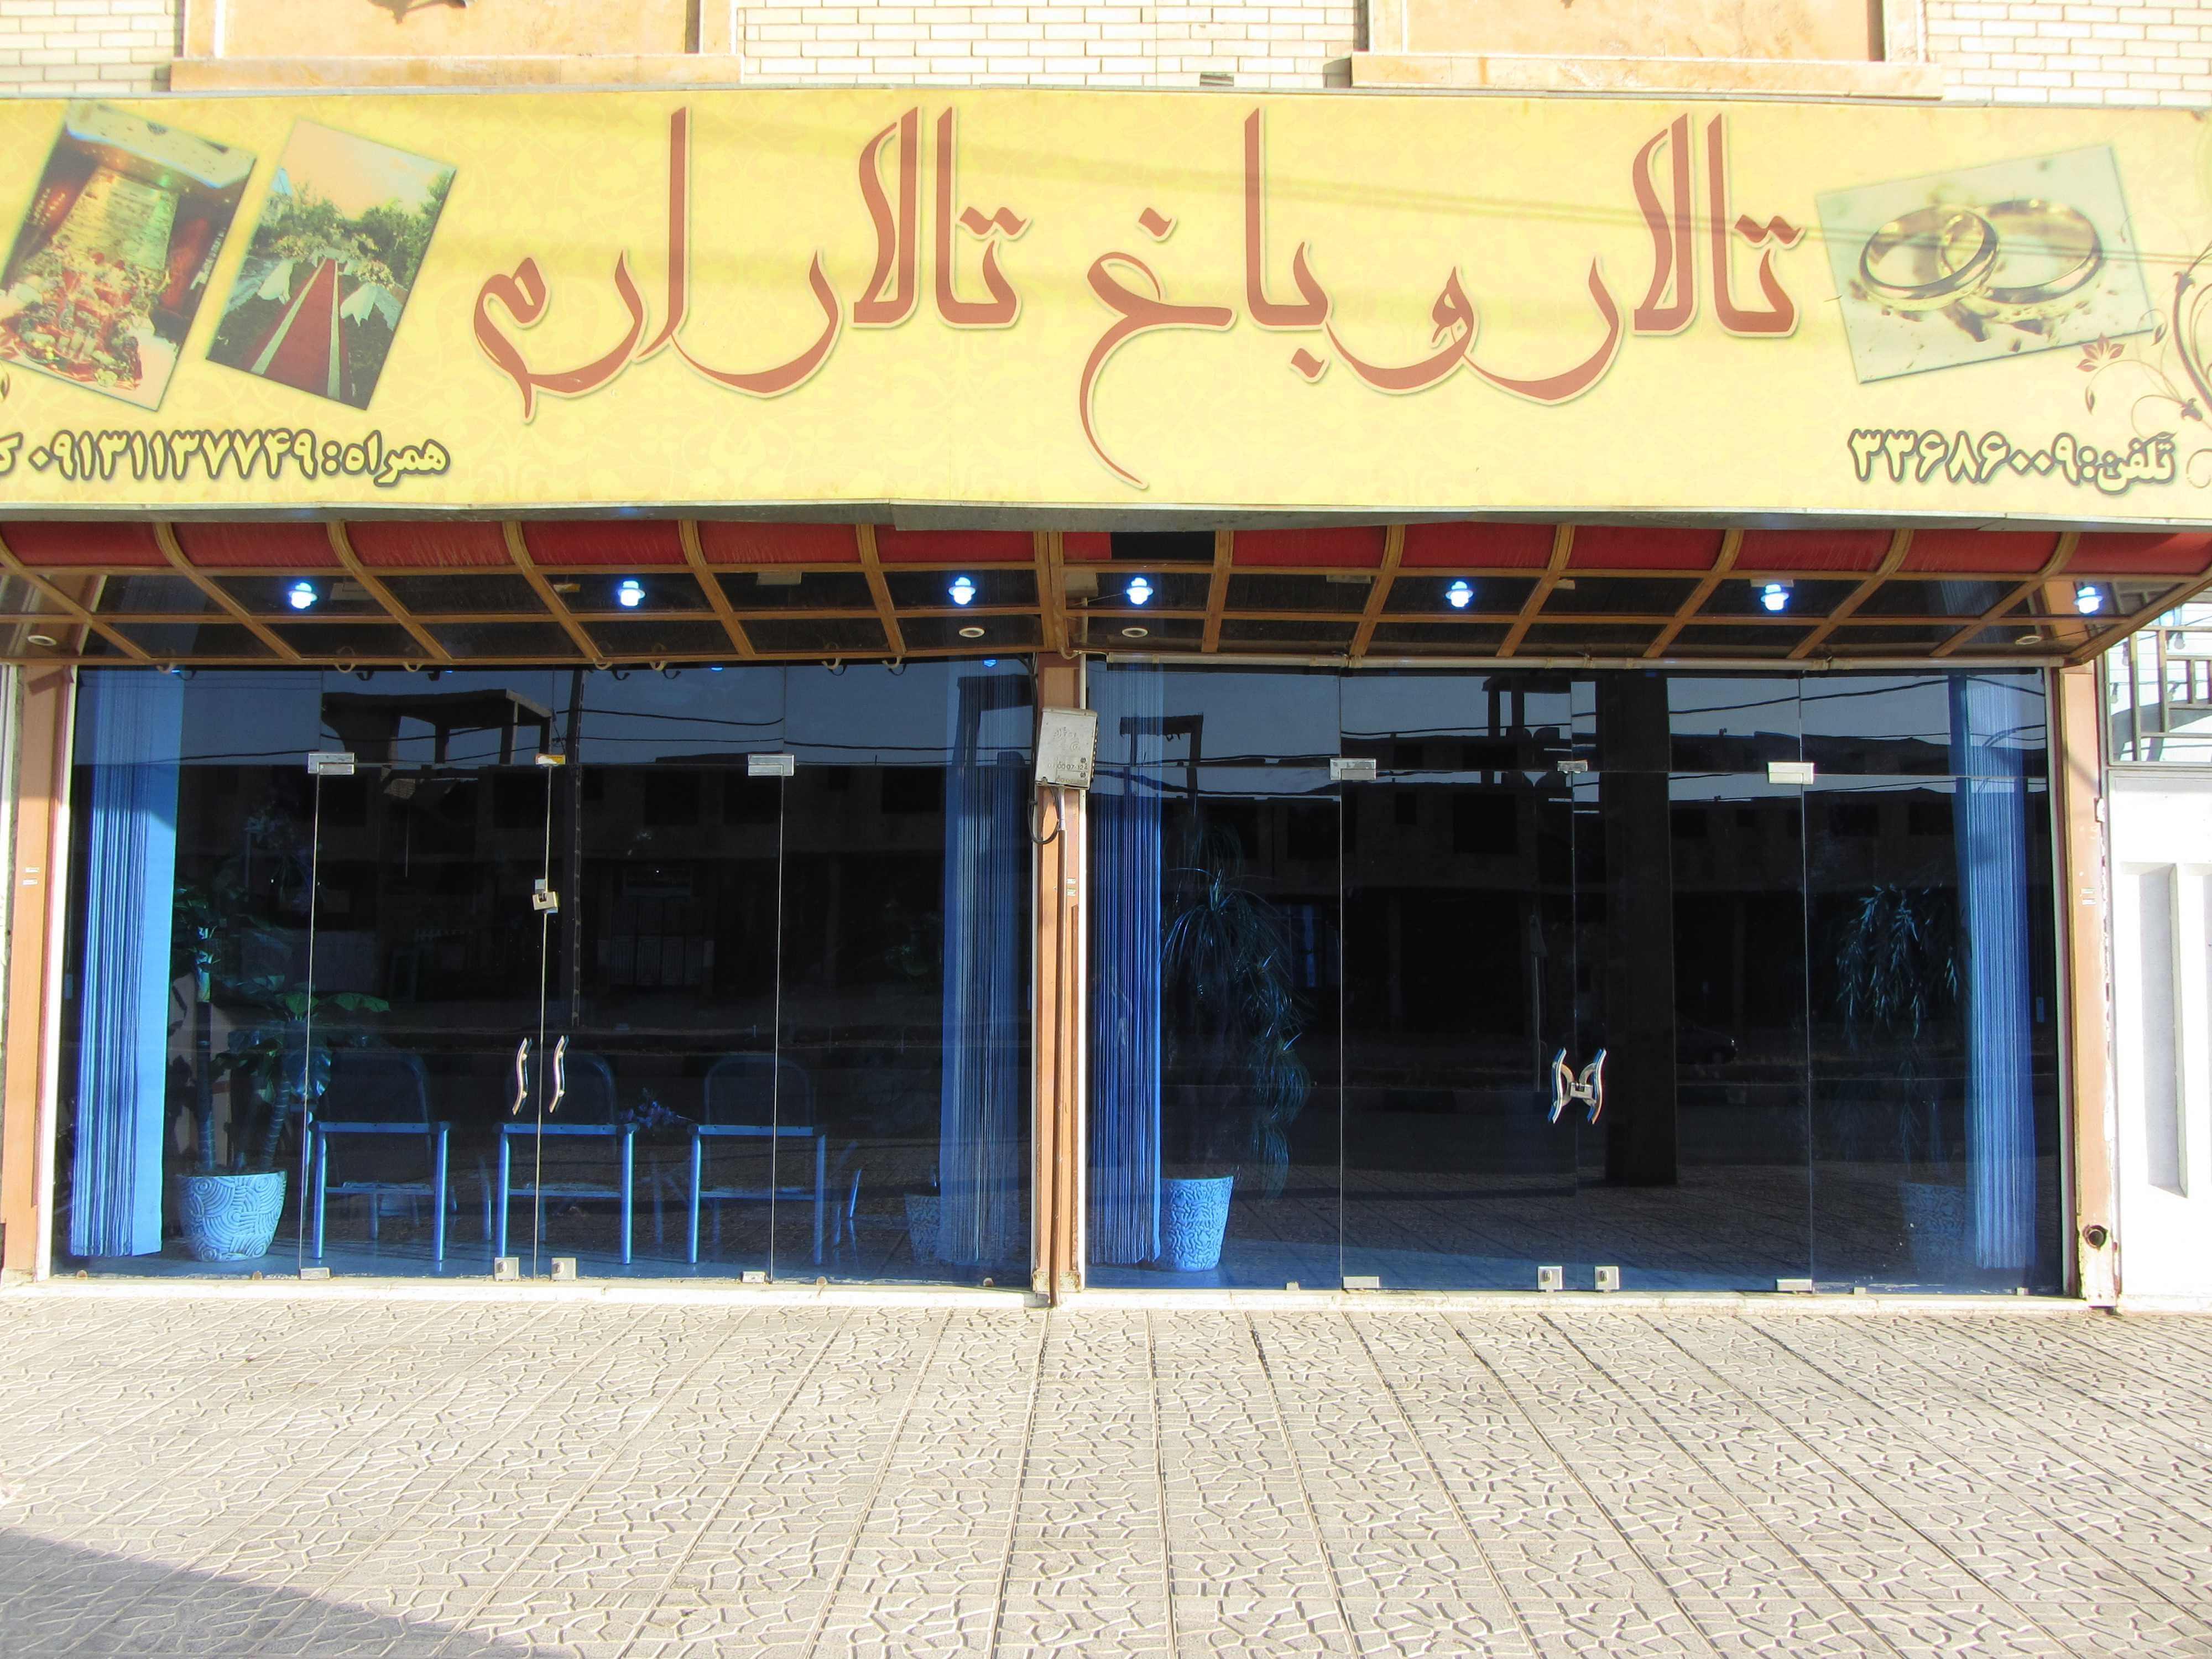 تالار پذیرایی ارم اصفهان